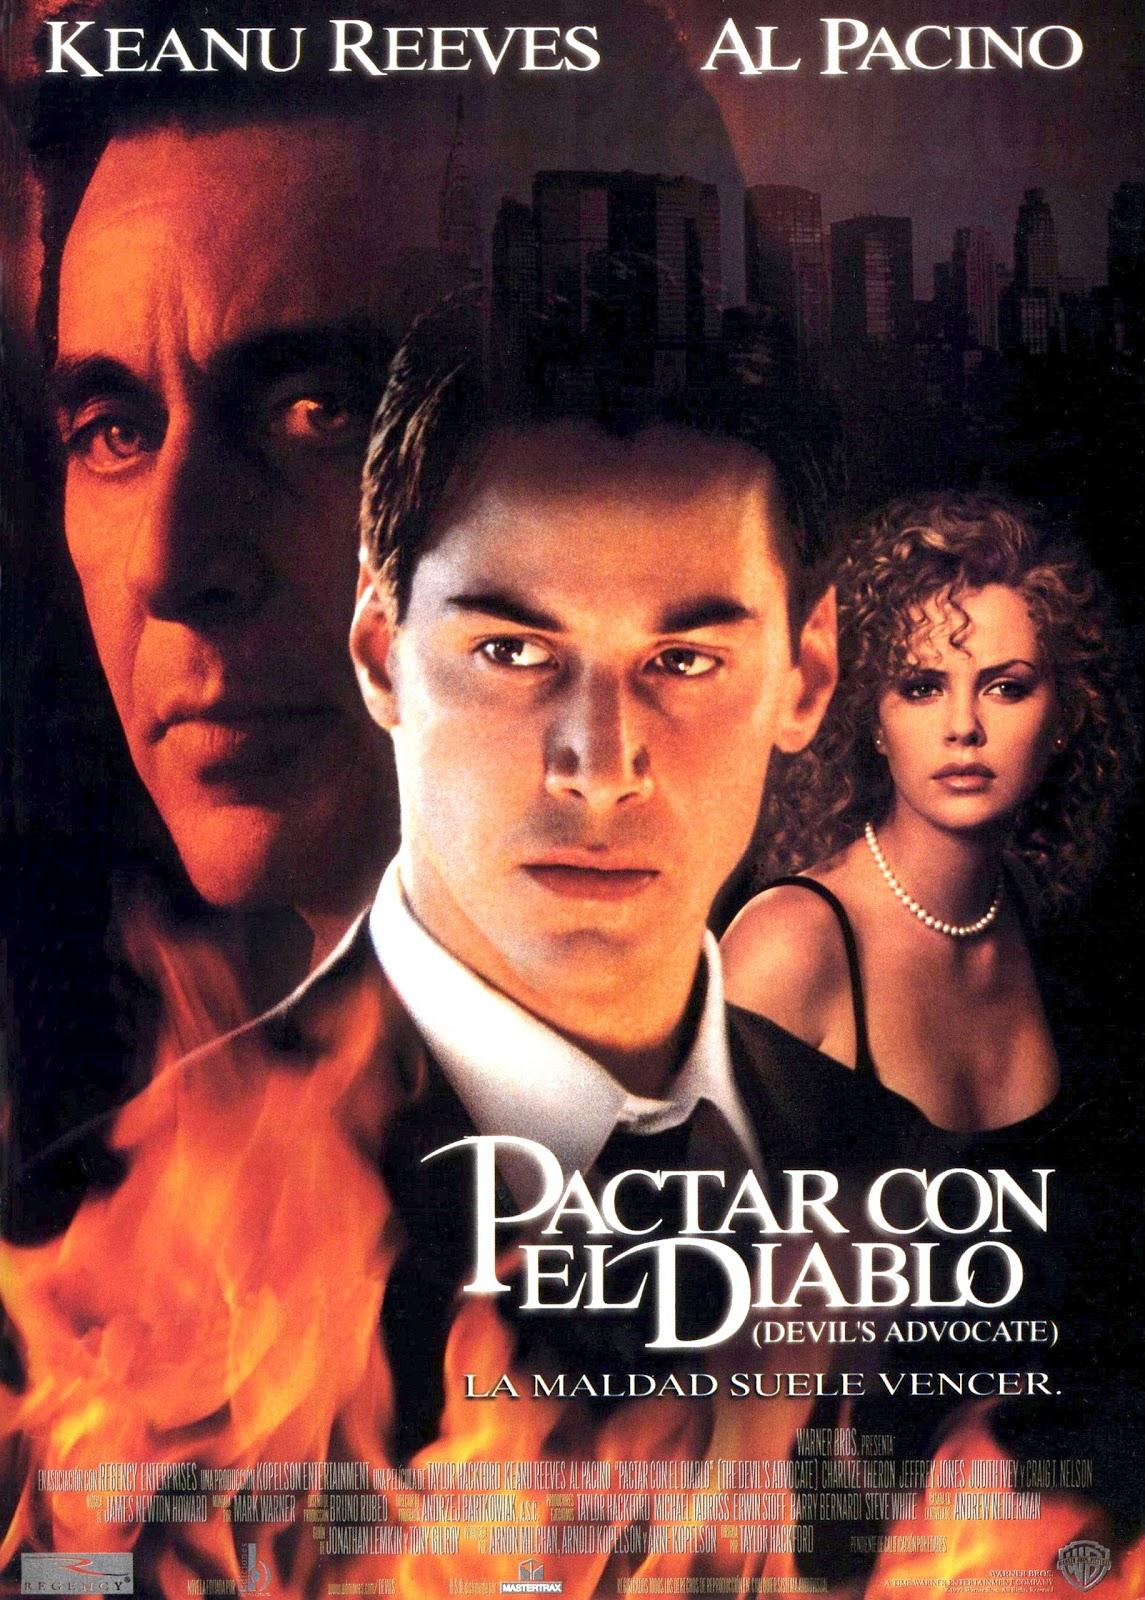 http://2.bp.blogspot.com/_TAXzPh6u6r0/TOny1rPsu0I/AAAAAAAAIQo/QDigWCFEQks/s1600/Pactar_con_el_Diablo__The_Devil_s_Advocate_-_tt0118971_-_1997_-_es.jpg